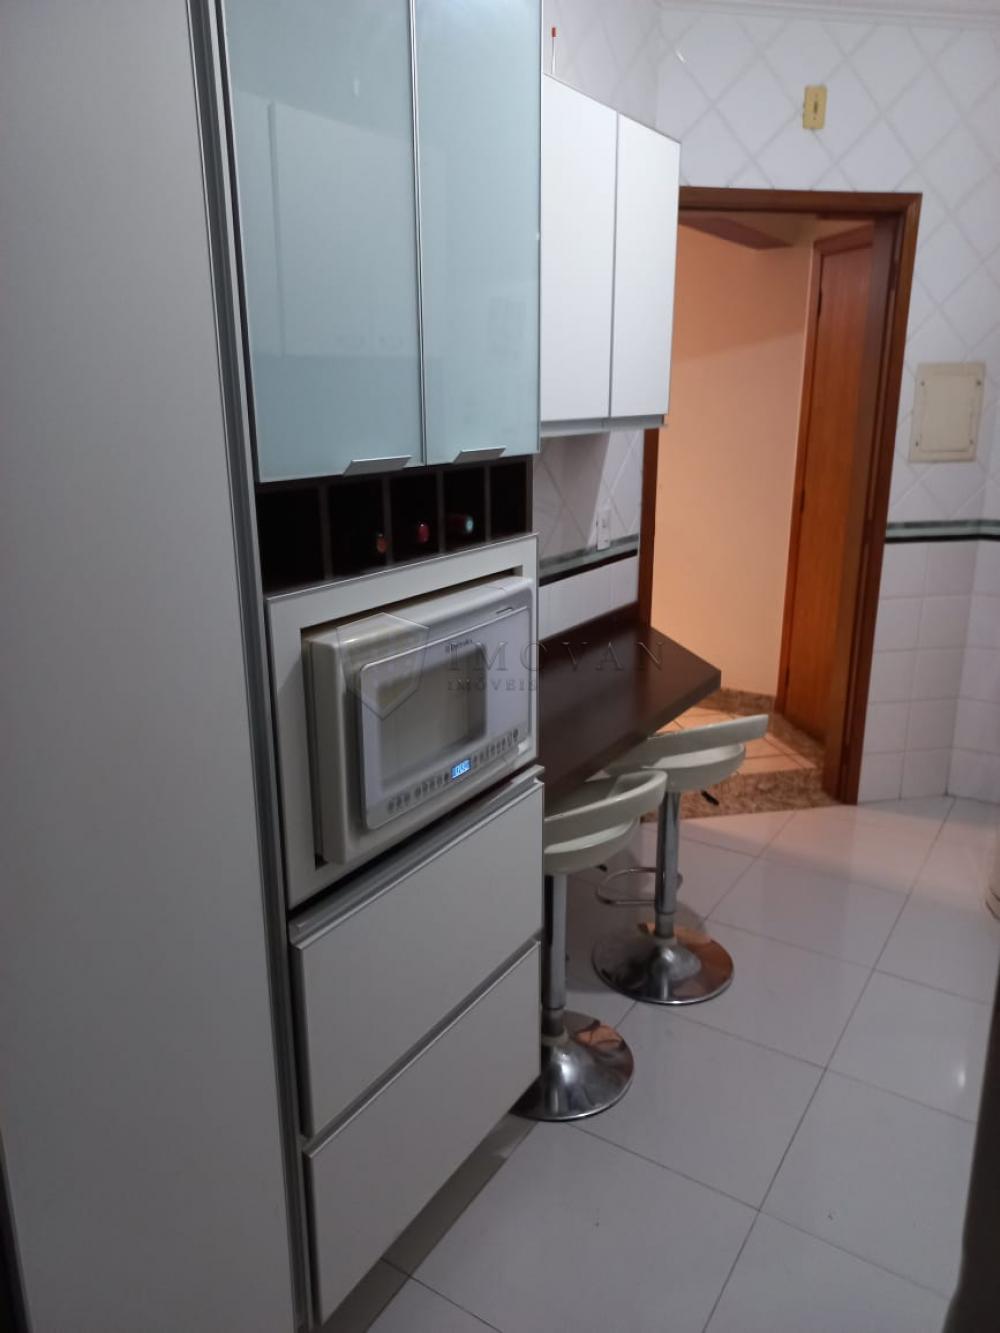 Comprar Apartamento / Padrão em Ribeirão Preto R$ 298.000,00 - Foto 11